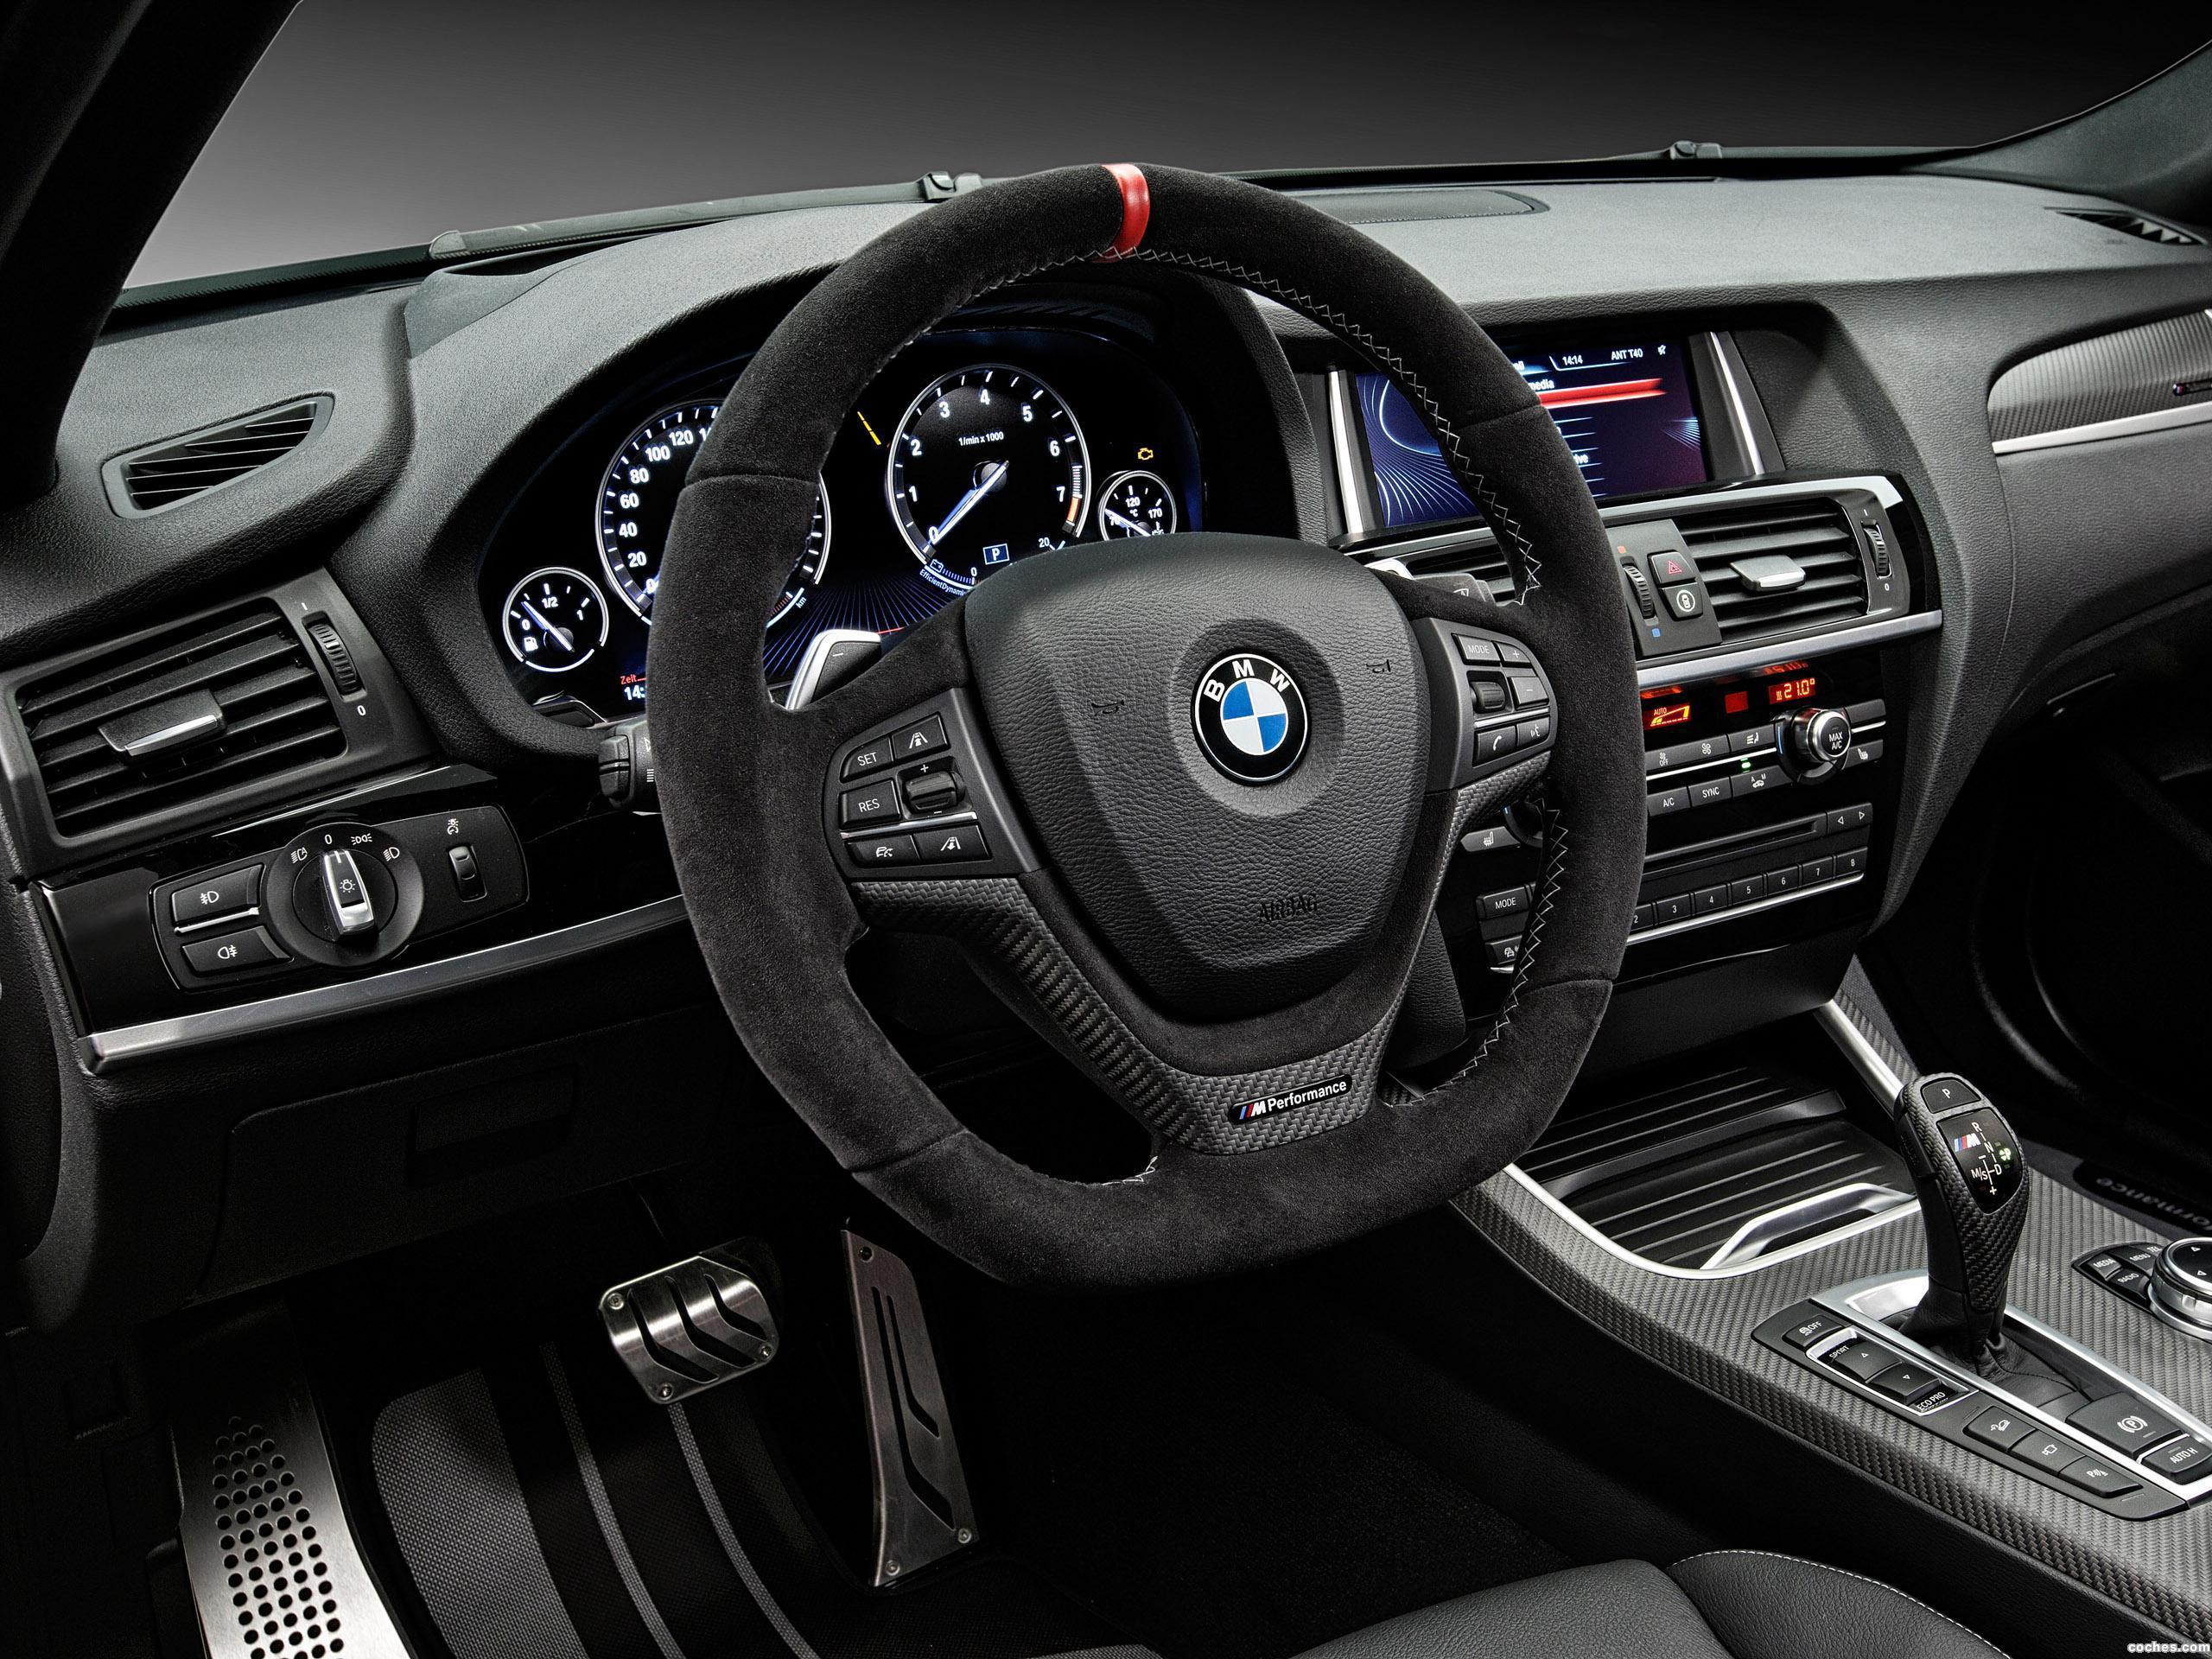 Foto 5 de BMW X4 xDrive28i M Performance Accessories F26 2014